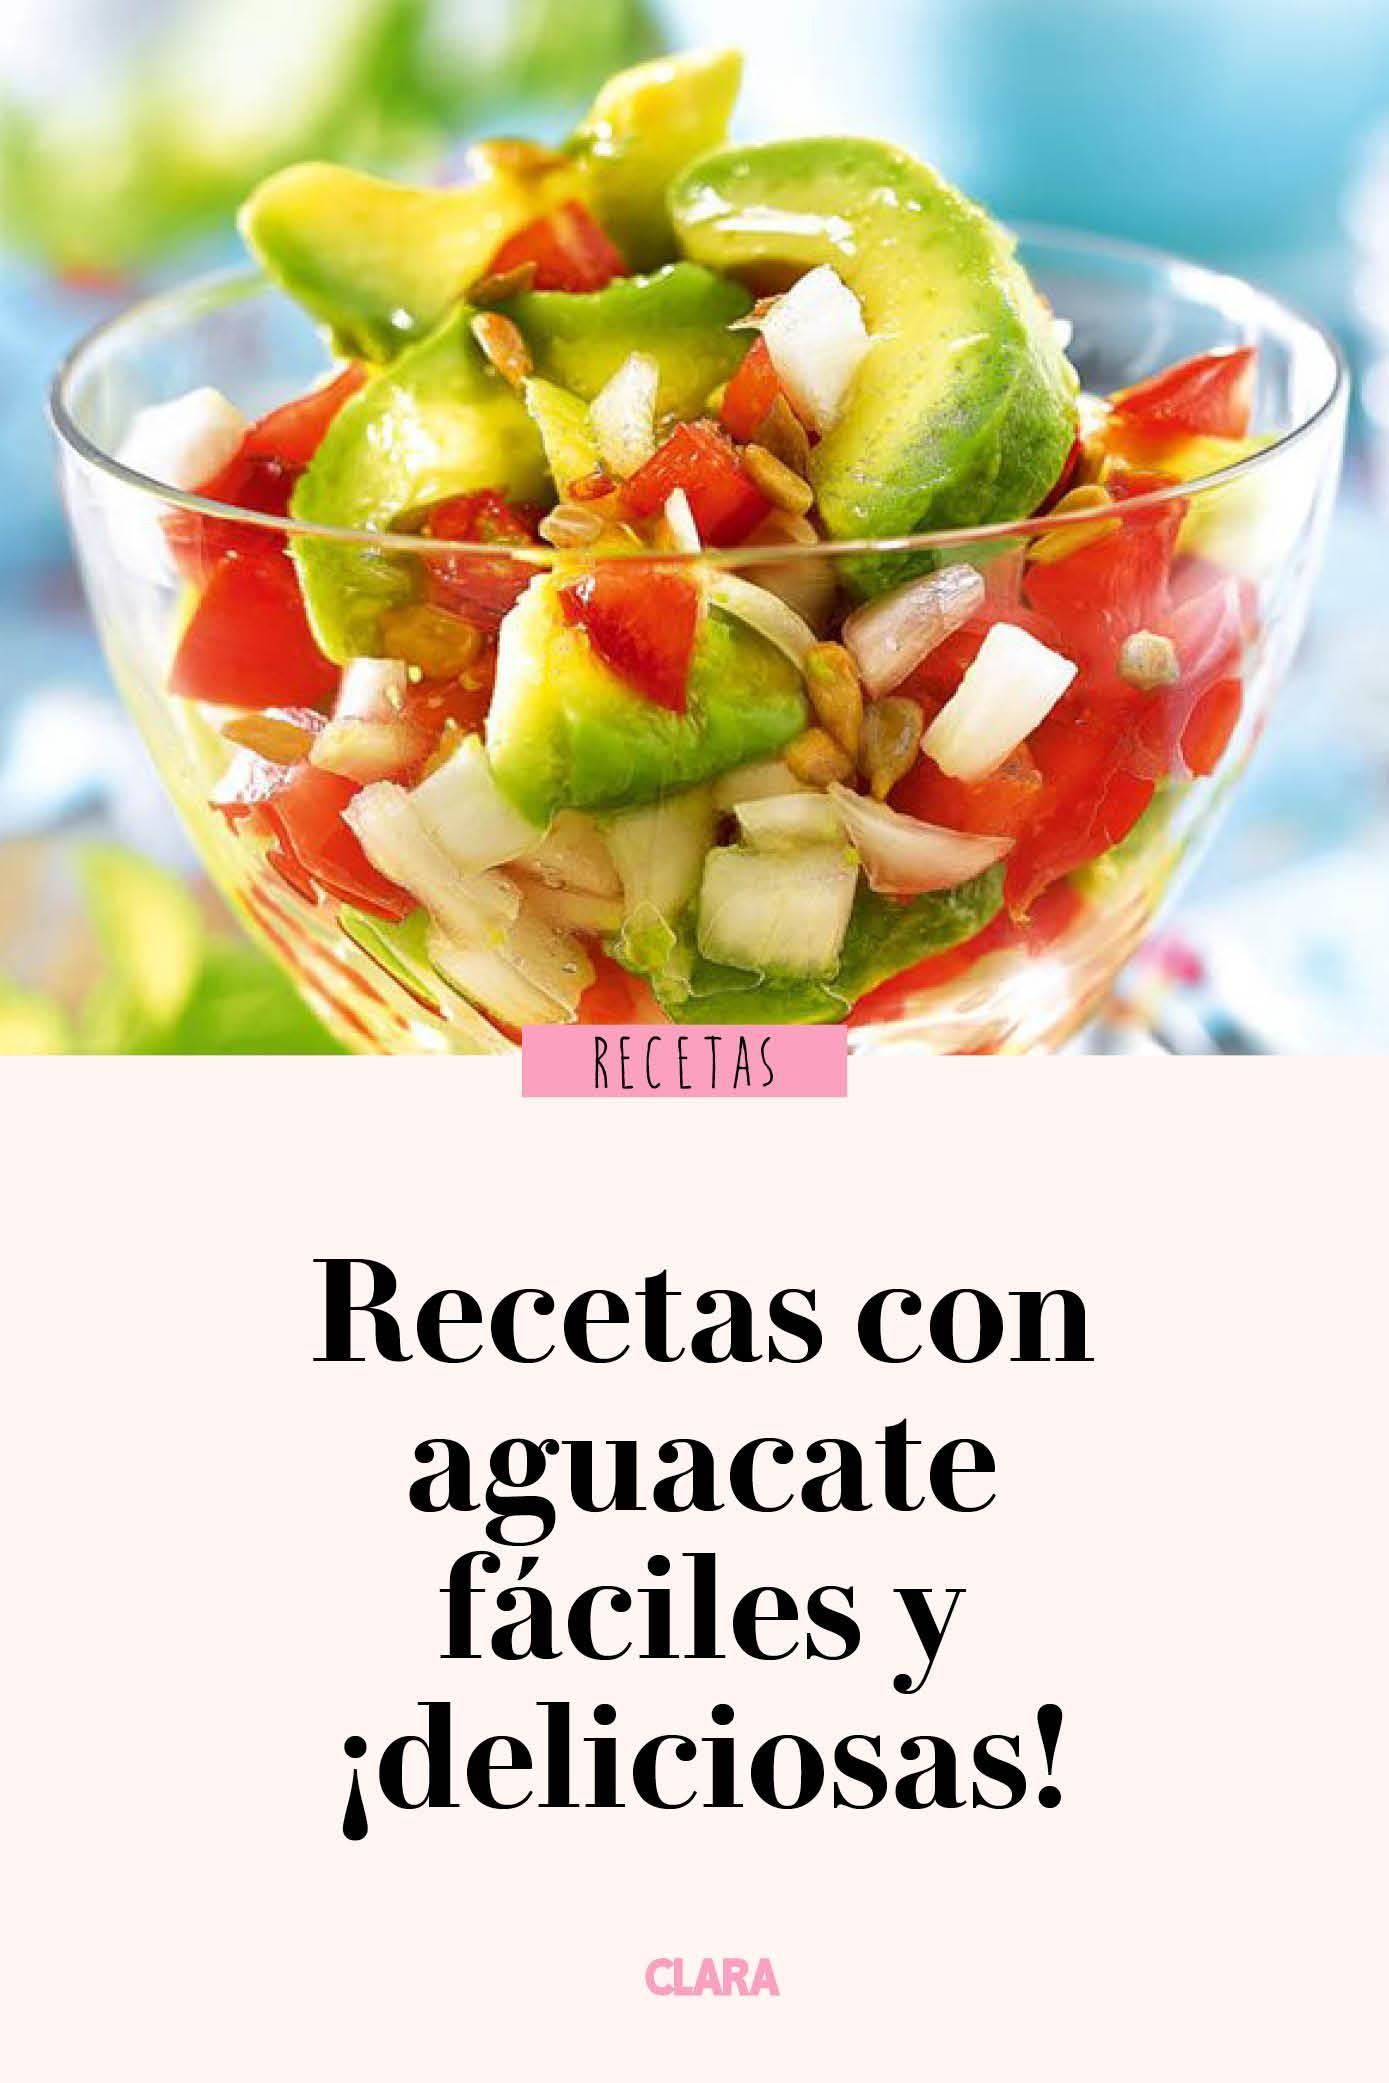 11 Recetas Con Aguacate Faciles Y Deliciosas Aguacate Recetas Aguacate Recetas Ensalada Aguacate